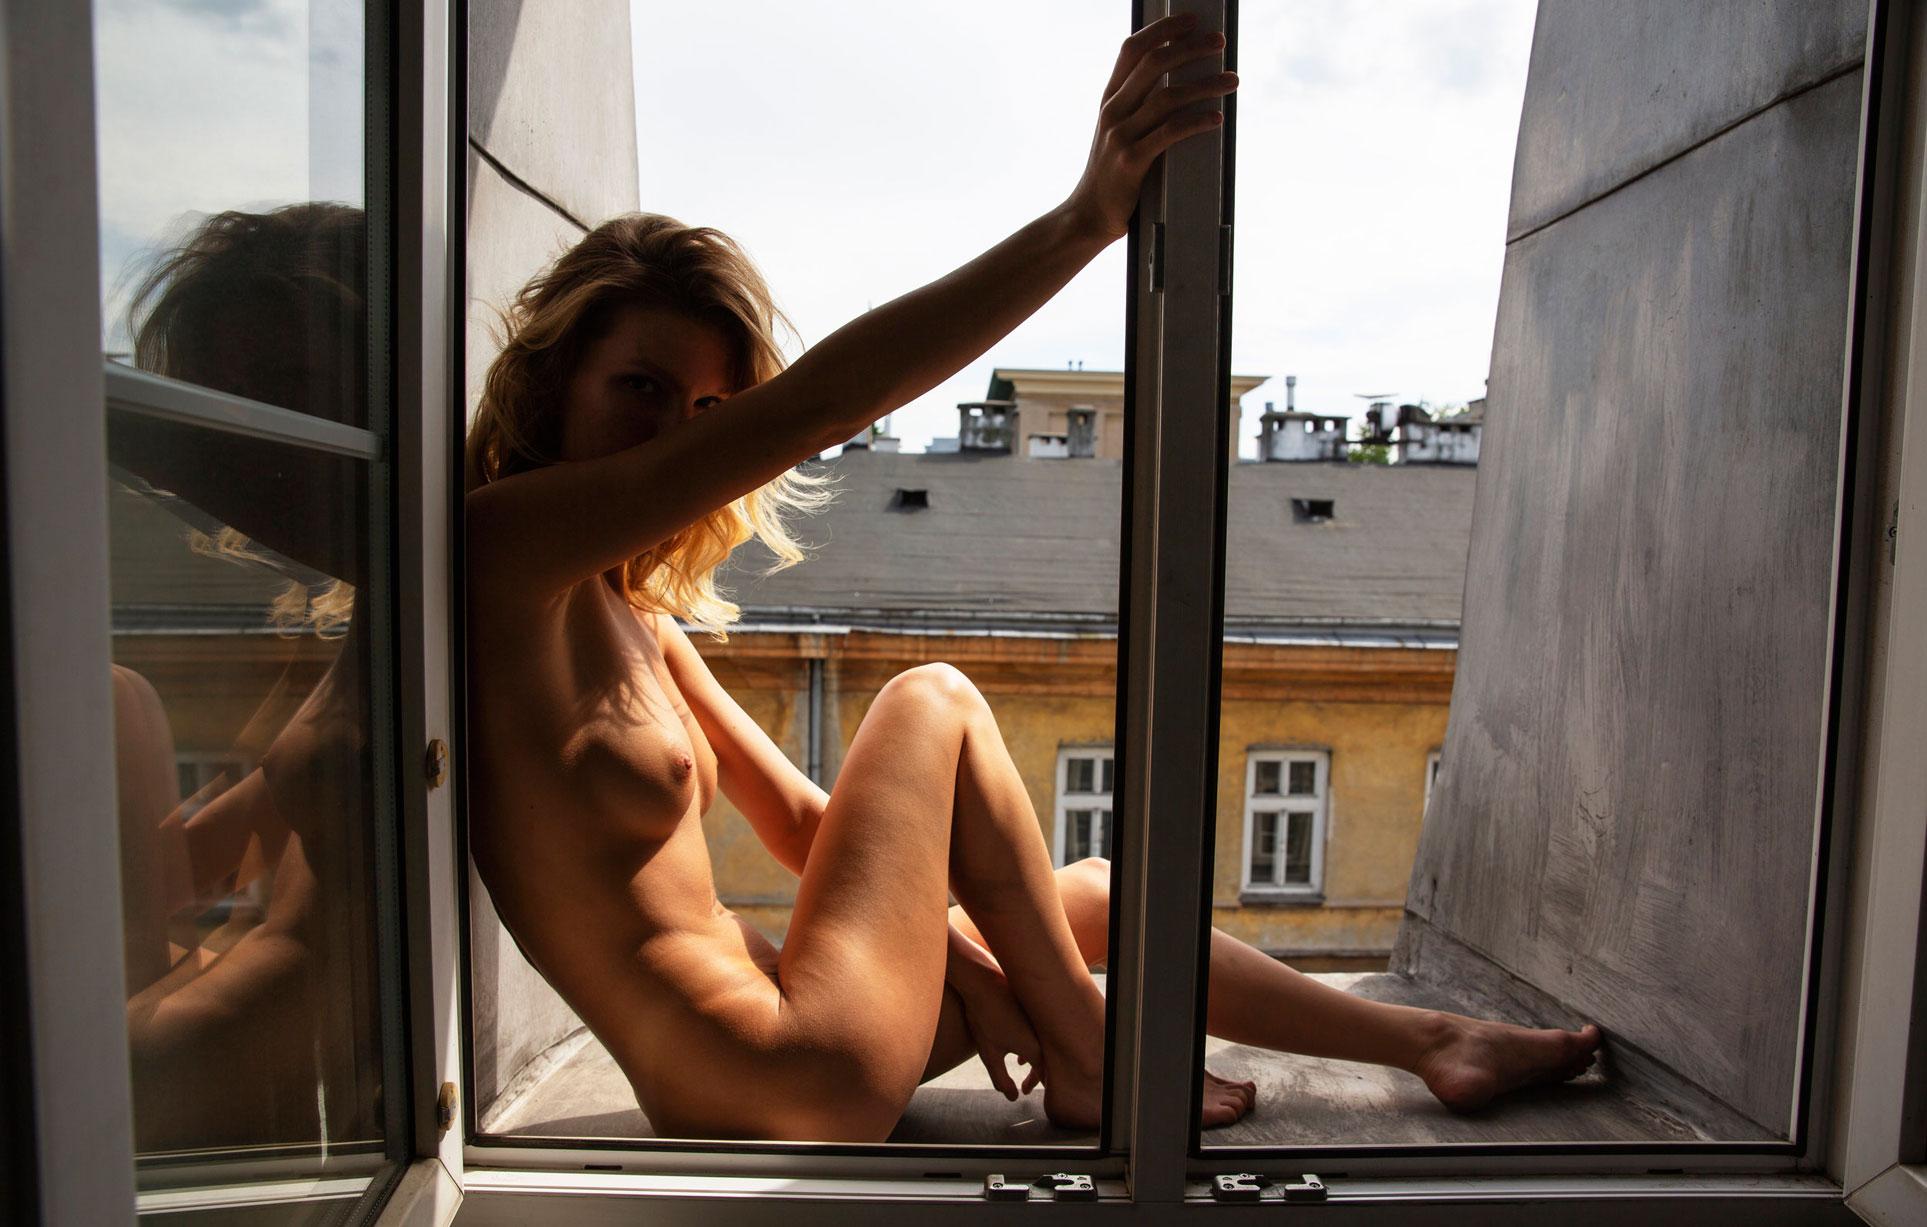 Angela Olszewska nude by Lukasz Dziewic